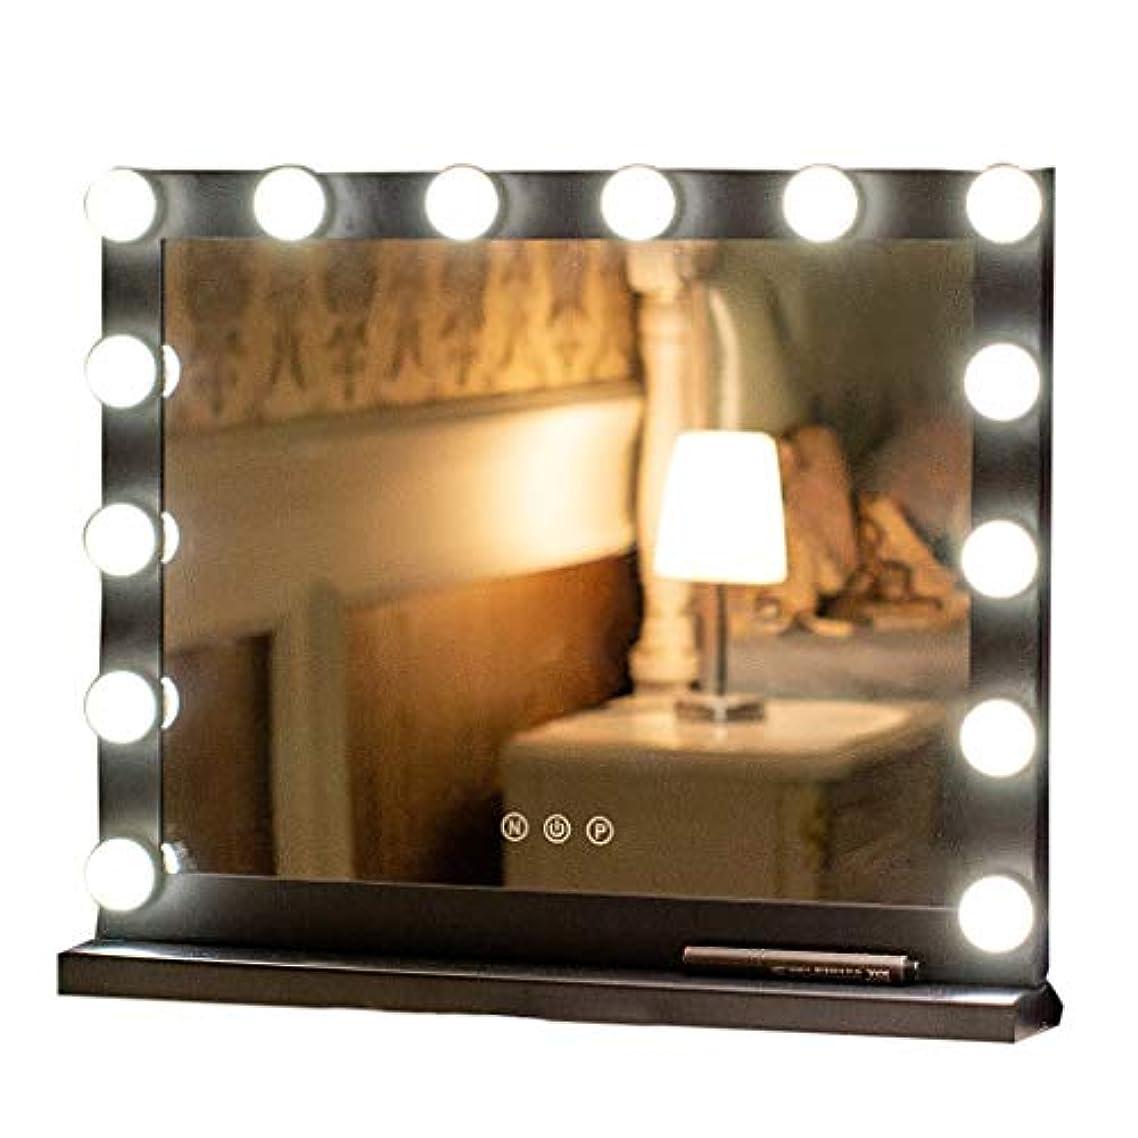 故障中引退した姓明るいデスクトップの大きなメイクアップミラーHDの洗面化粧鏡のライトホームハリウッドスタイルのミラーキットバスルームの化粧テーブルミラー調光ライトセット